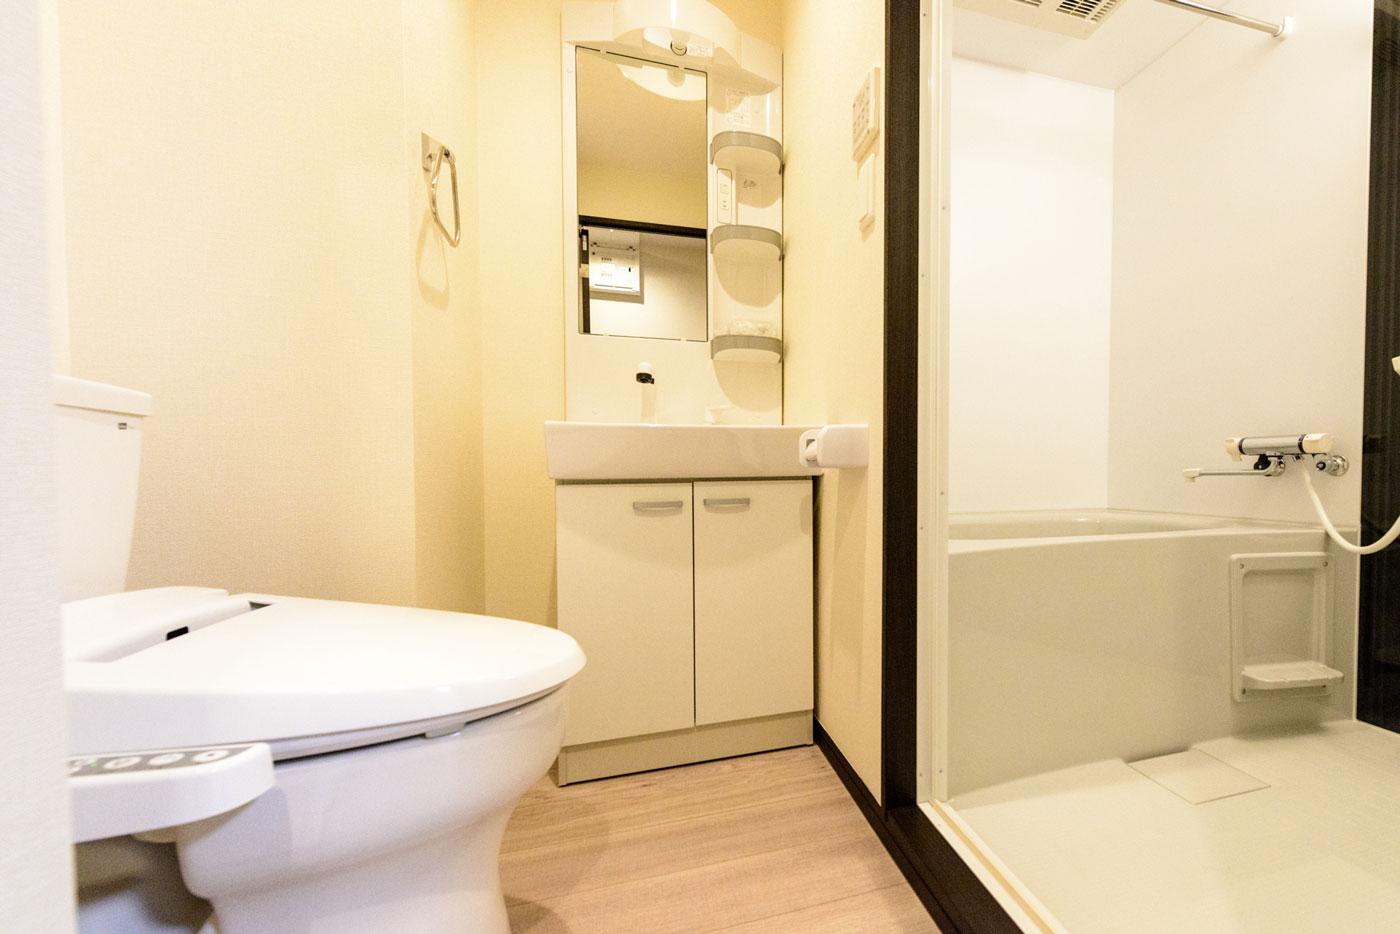 トイレ・洗面室・浴室